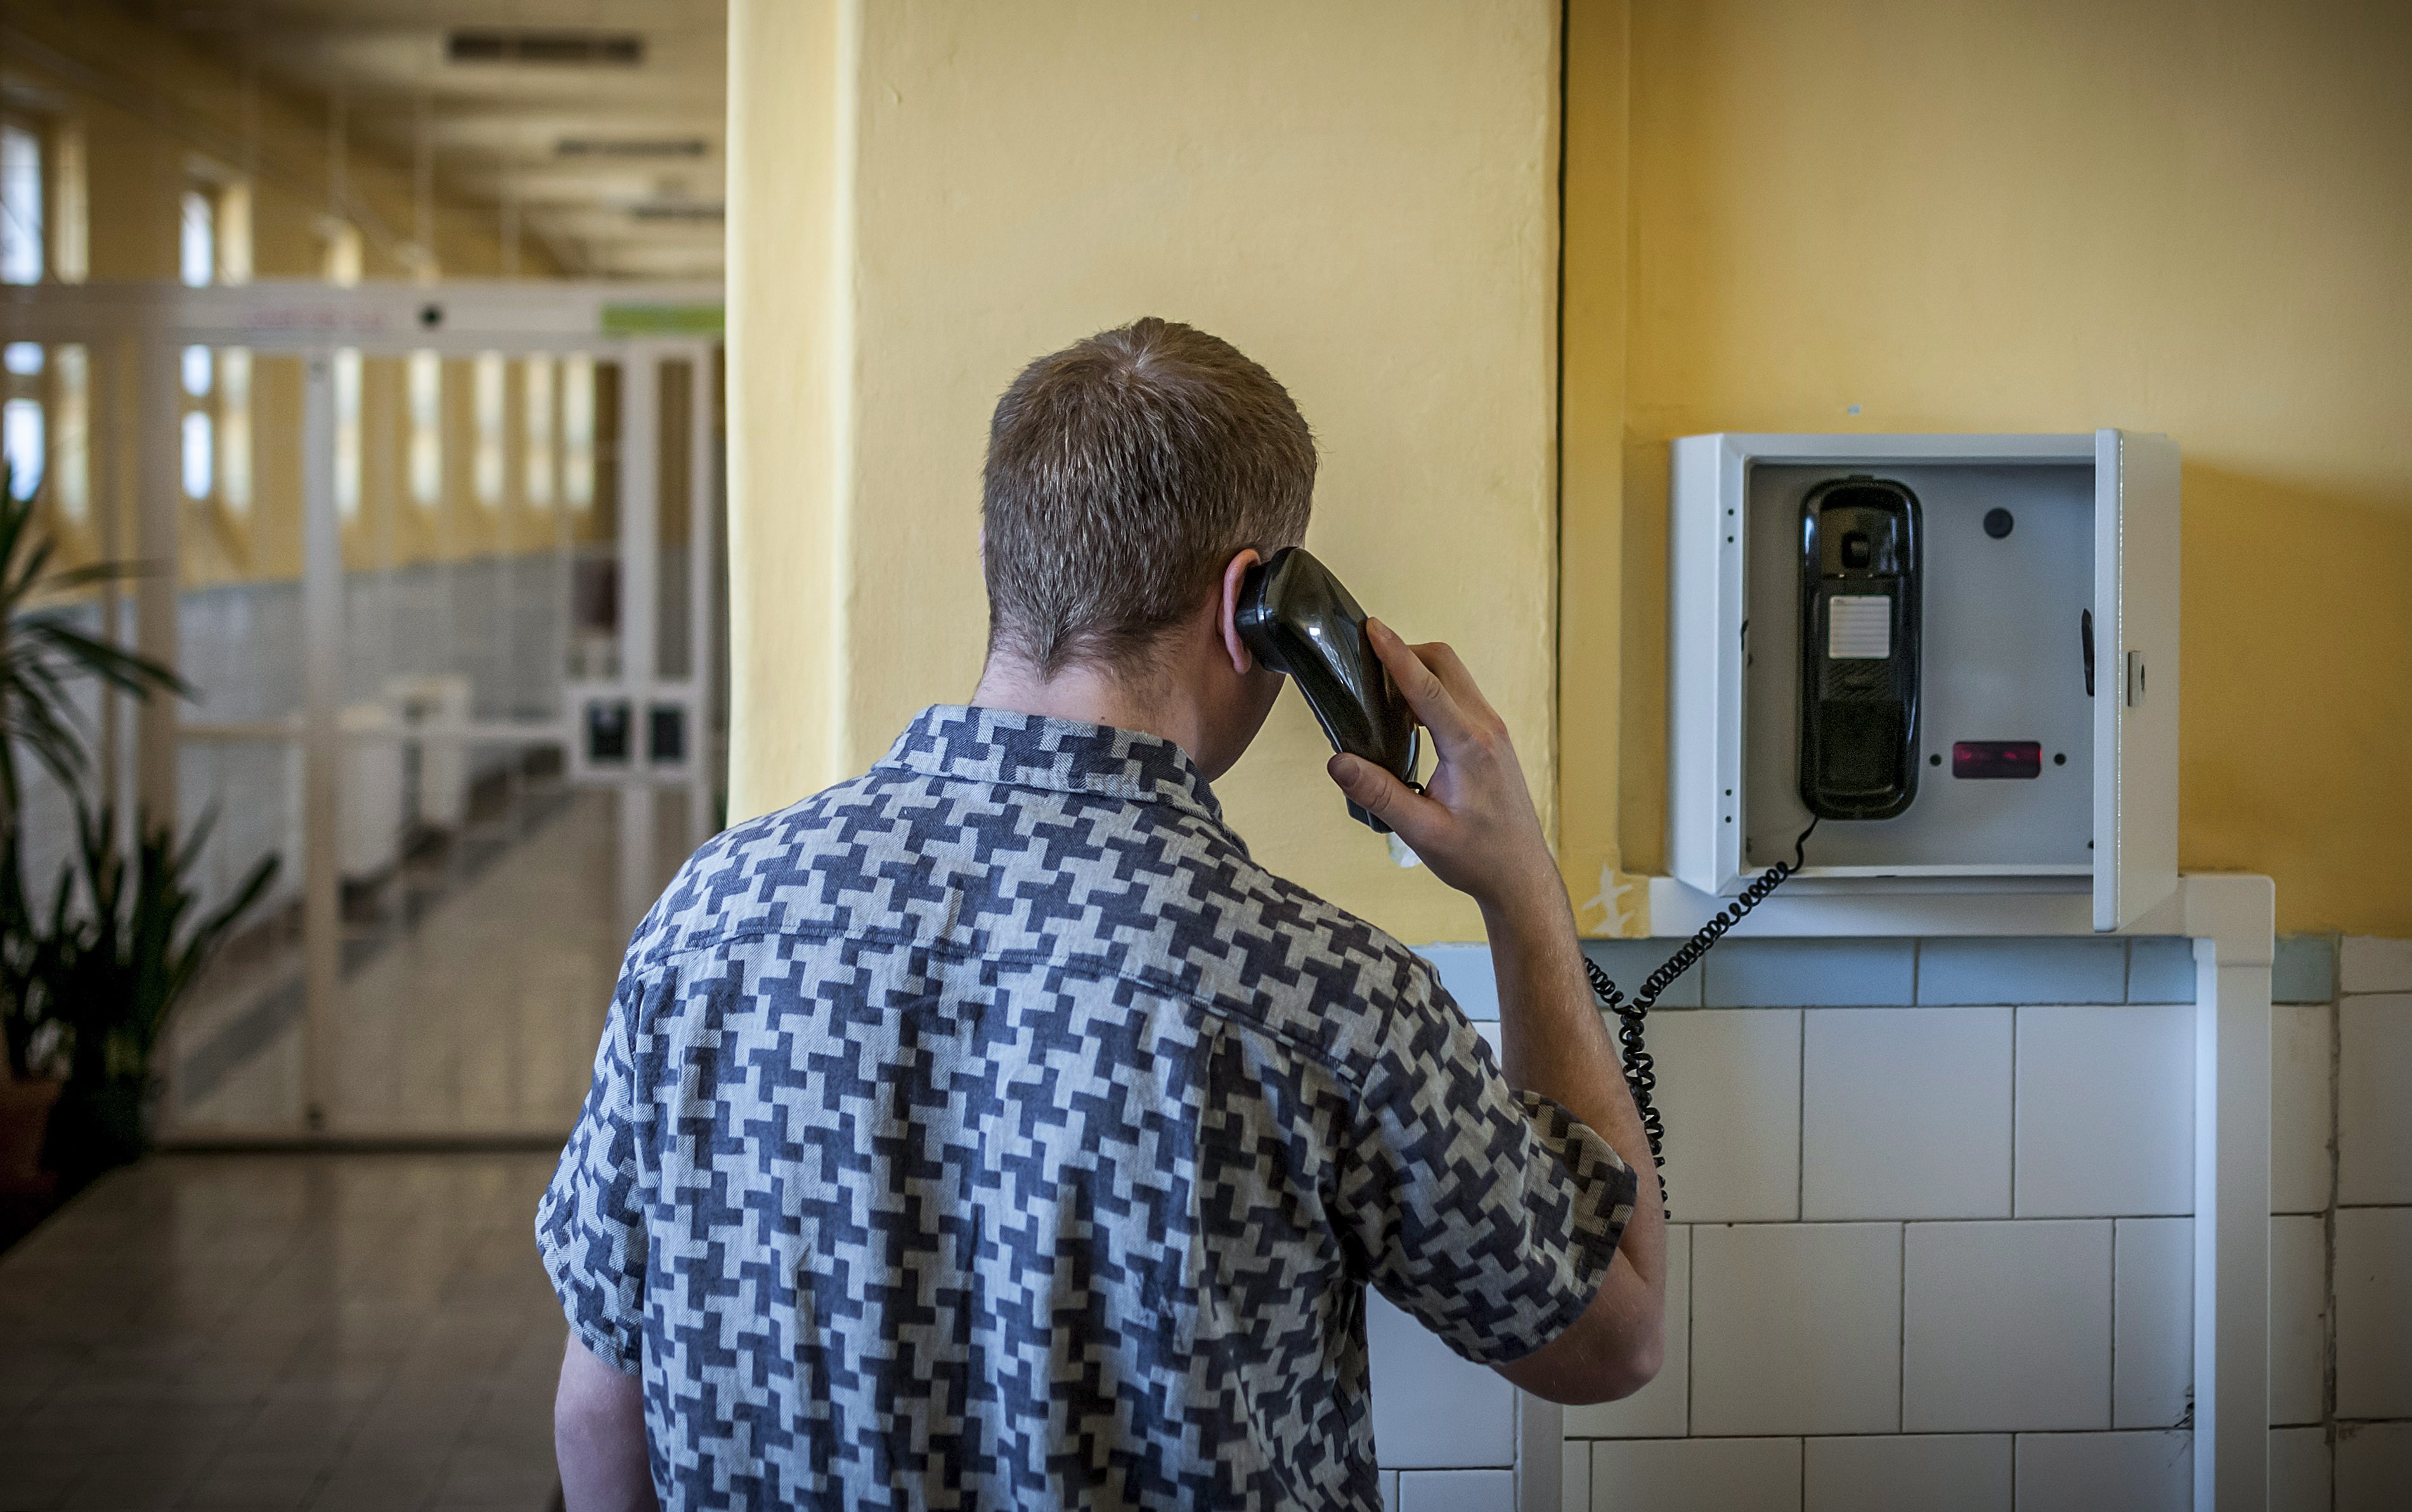 Asztmapipában, fésűben csempészik be a telefonokat a magyar börtönökbe